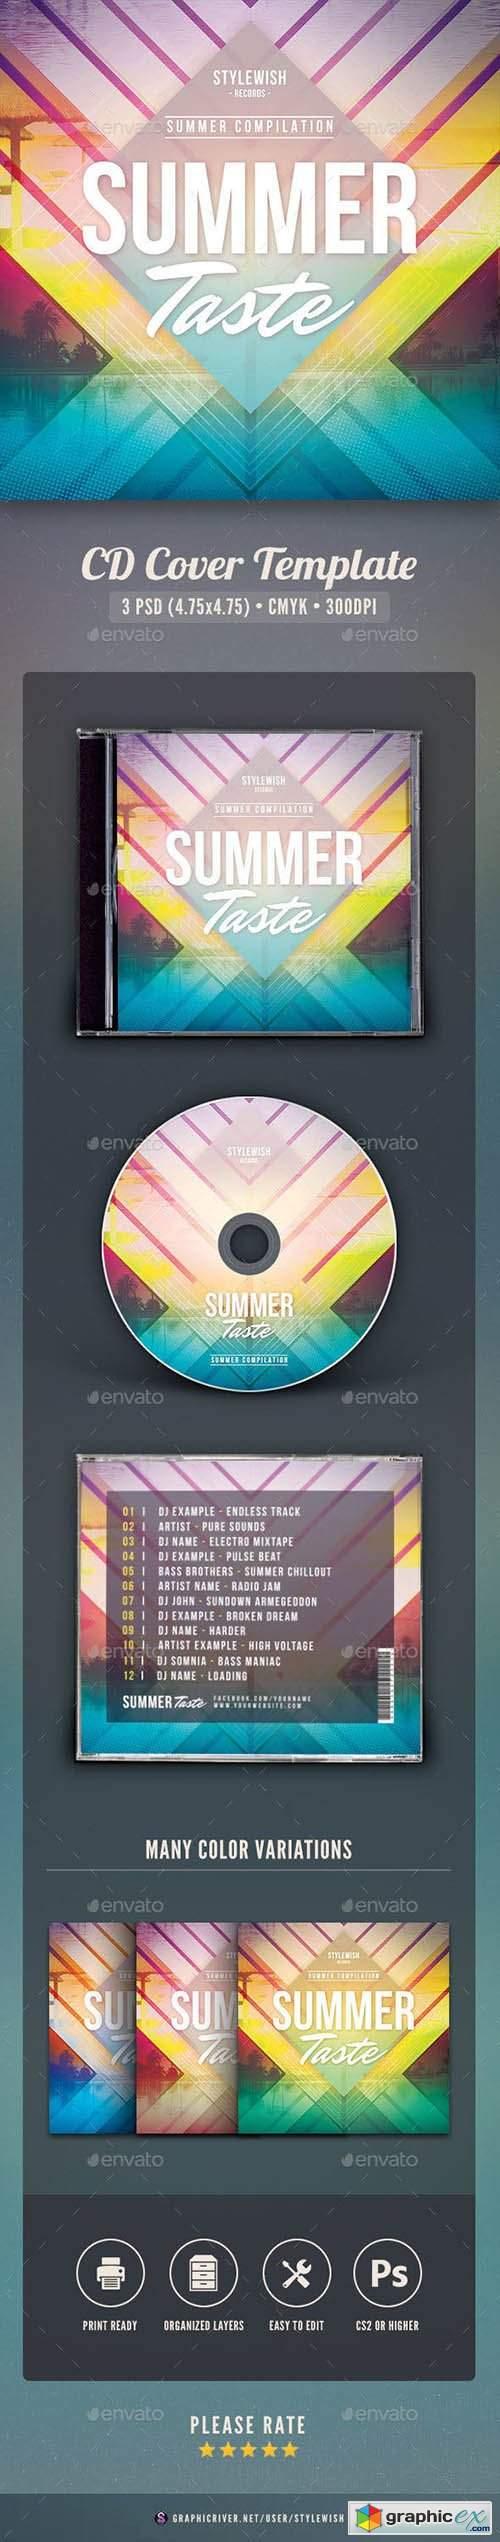 Summer Taste CD Cover Artwork